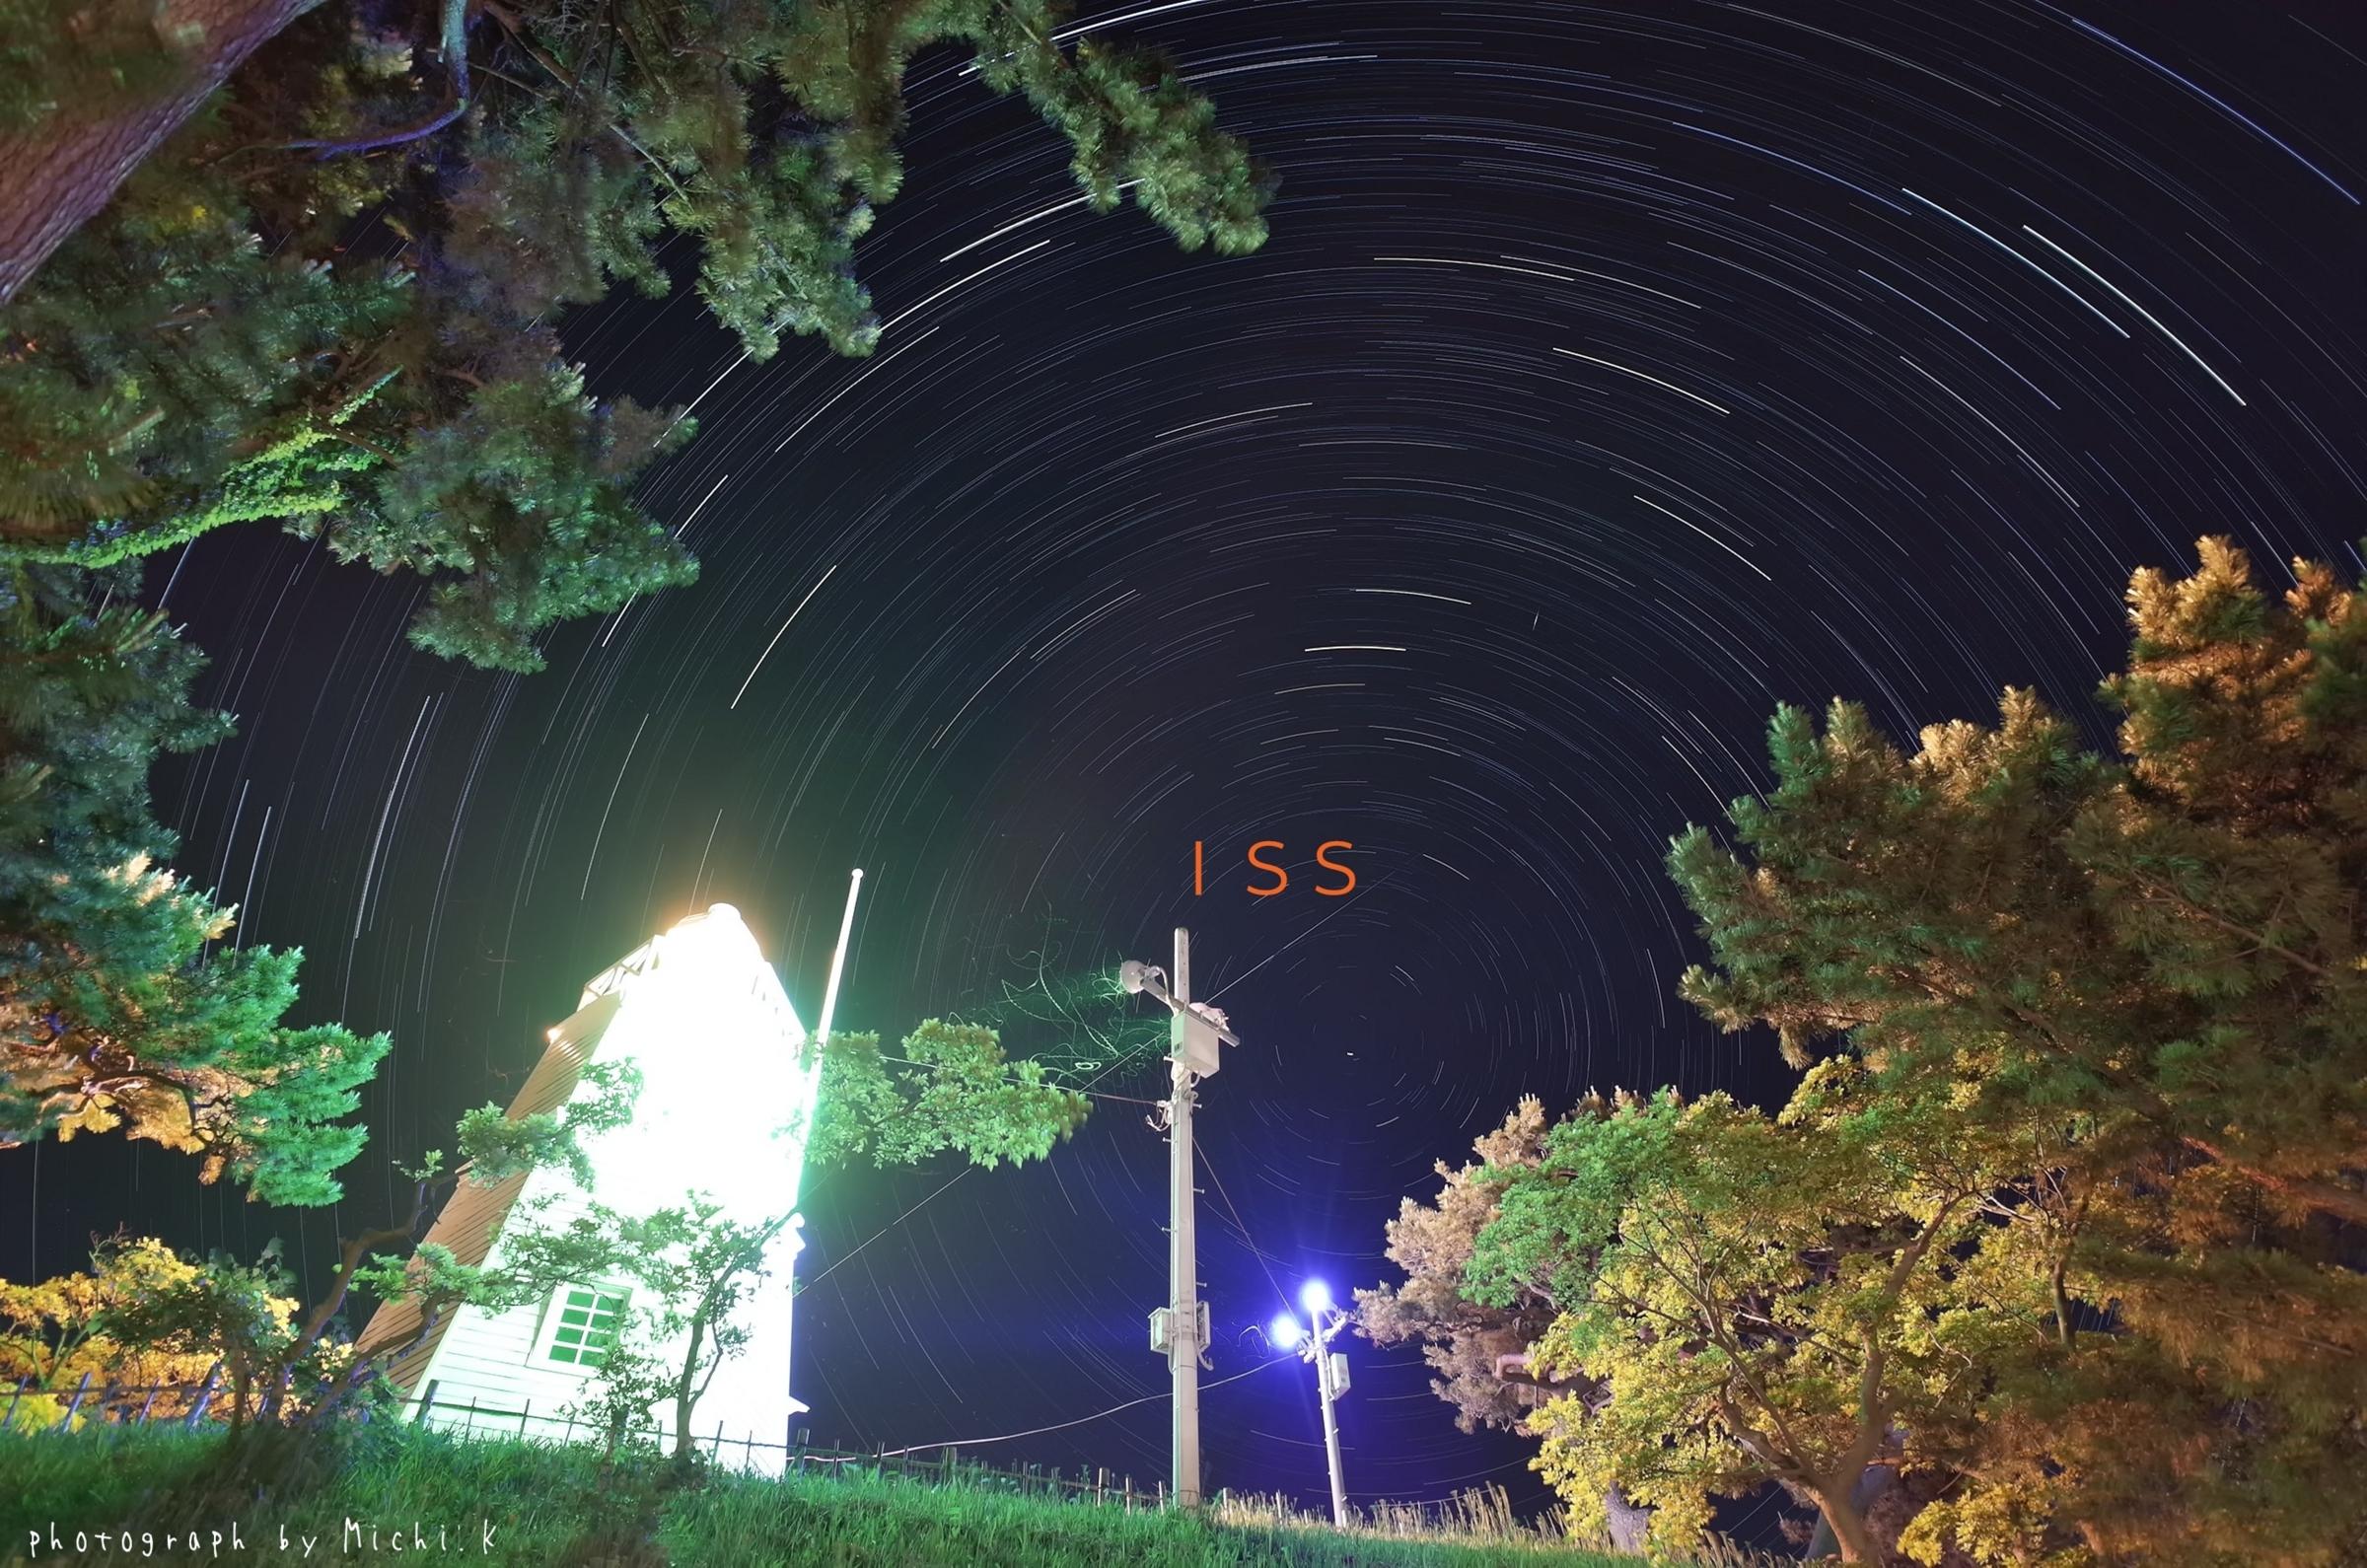 国際宇宙ステーション(ISS)の軌跡 2018年6月3日